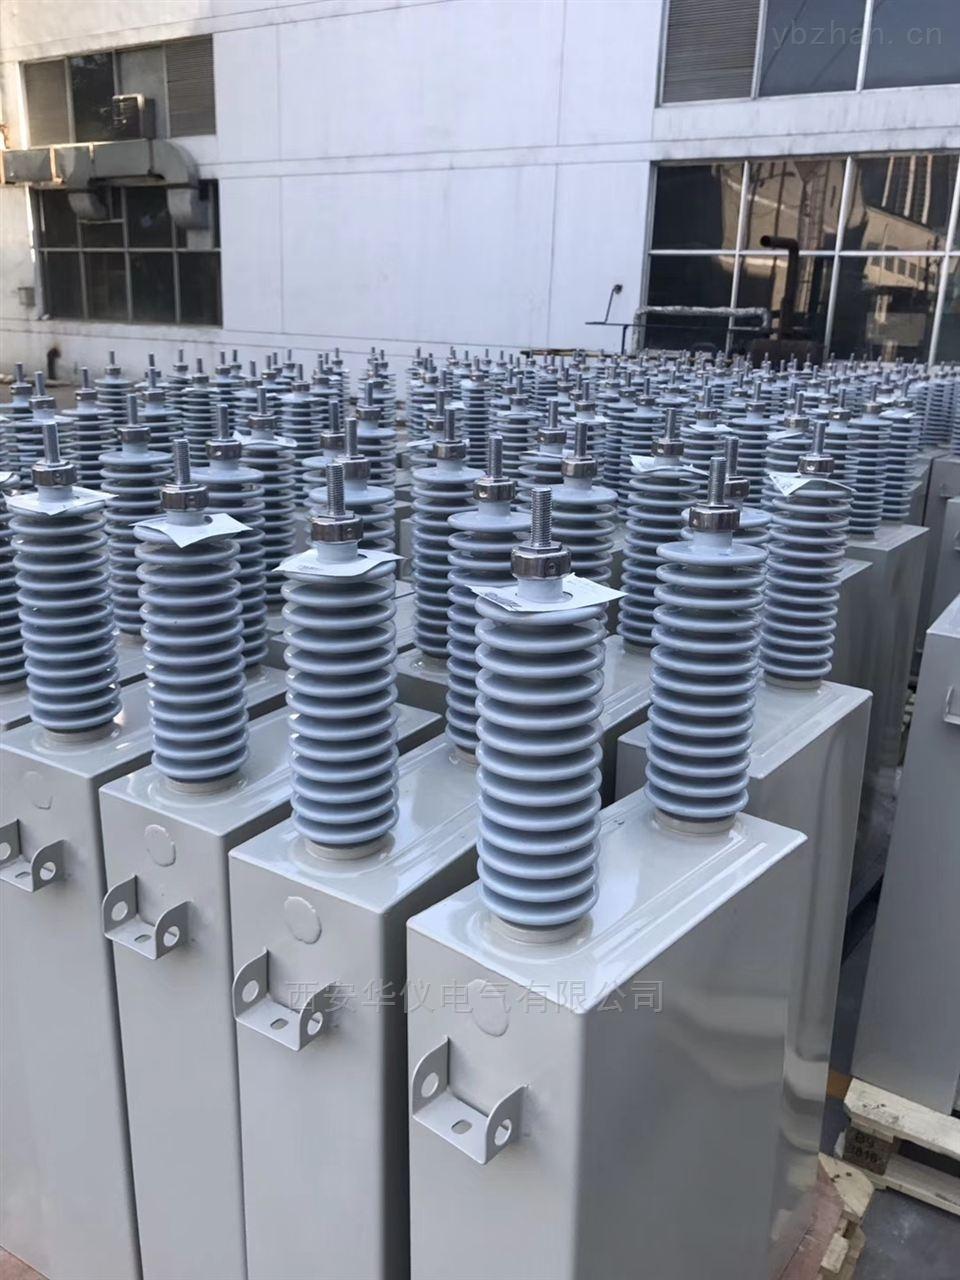 高压电容器-50KVAR电容qi供应商